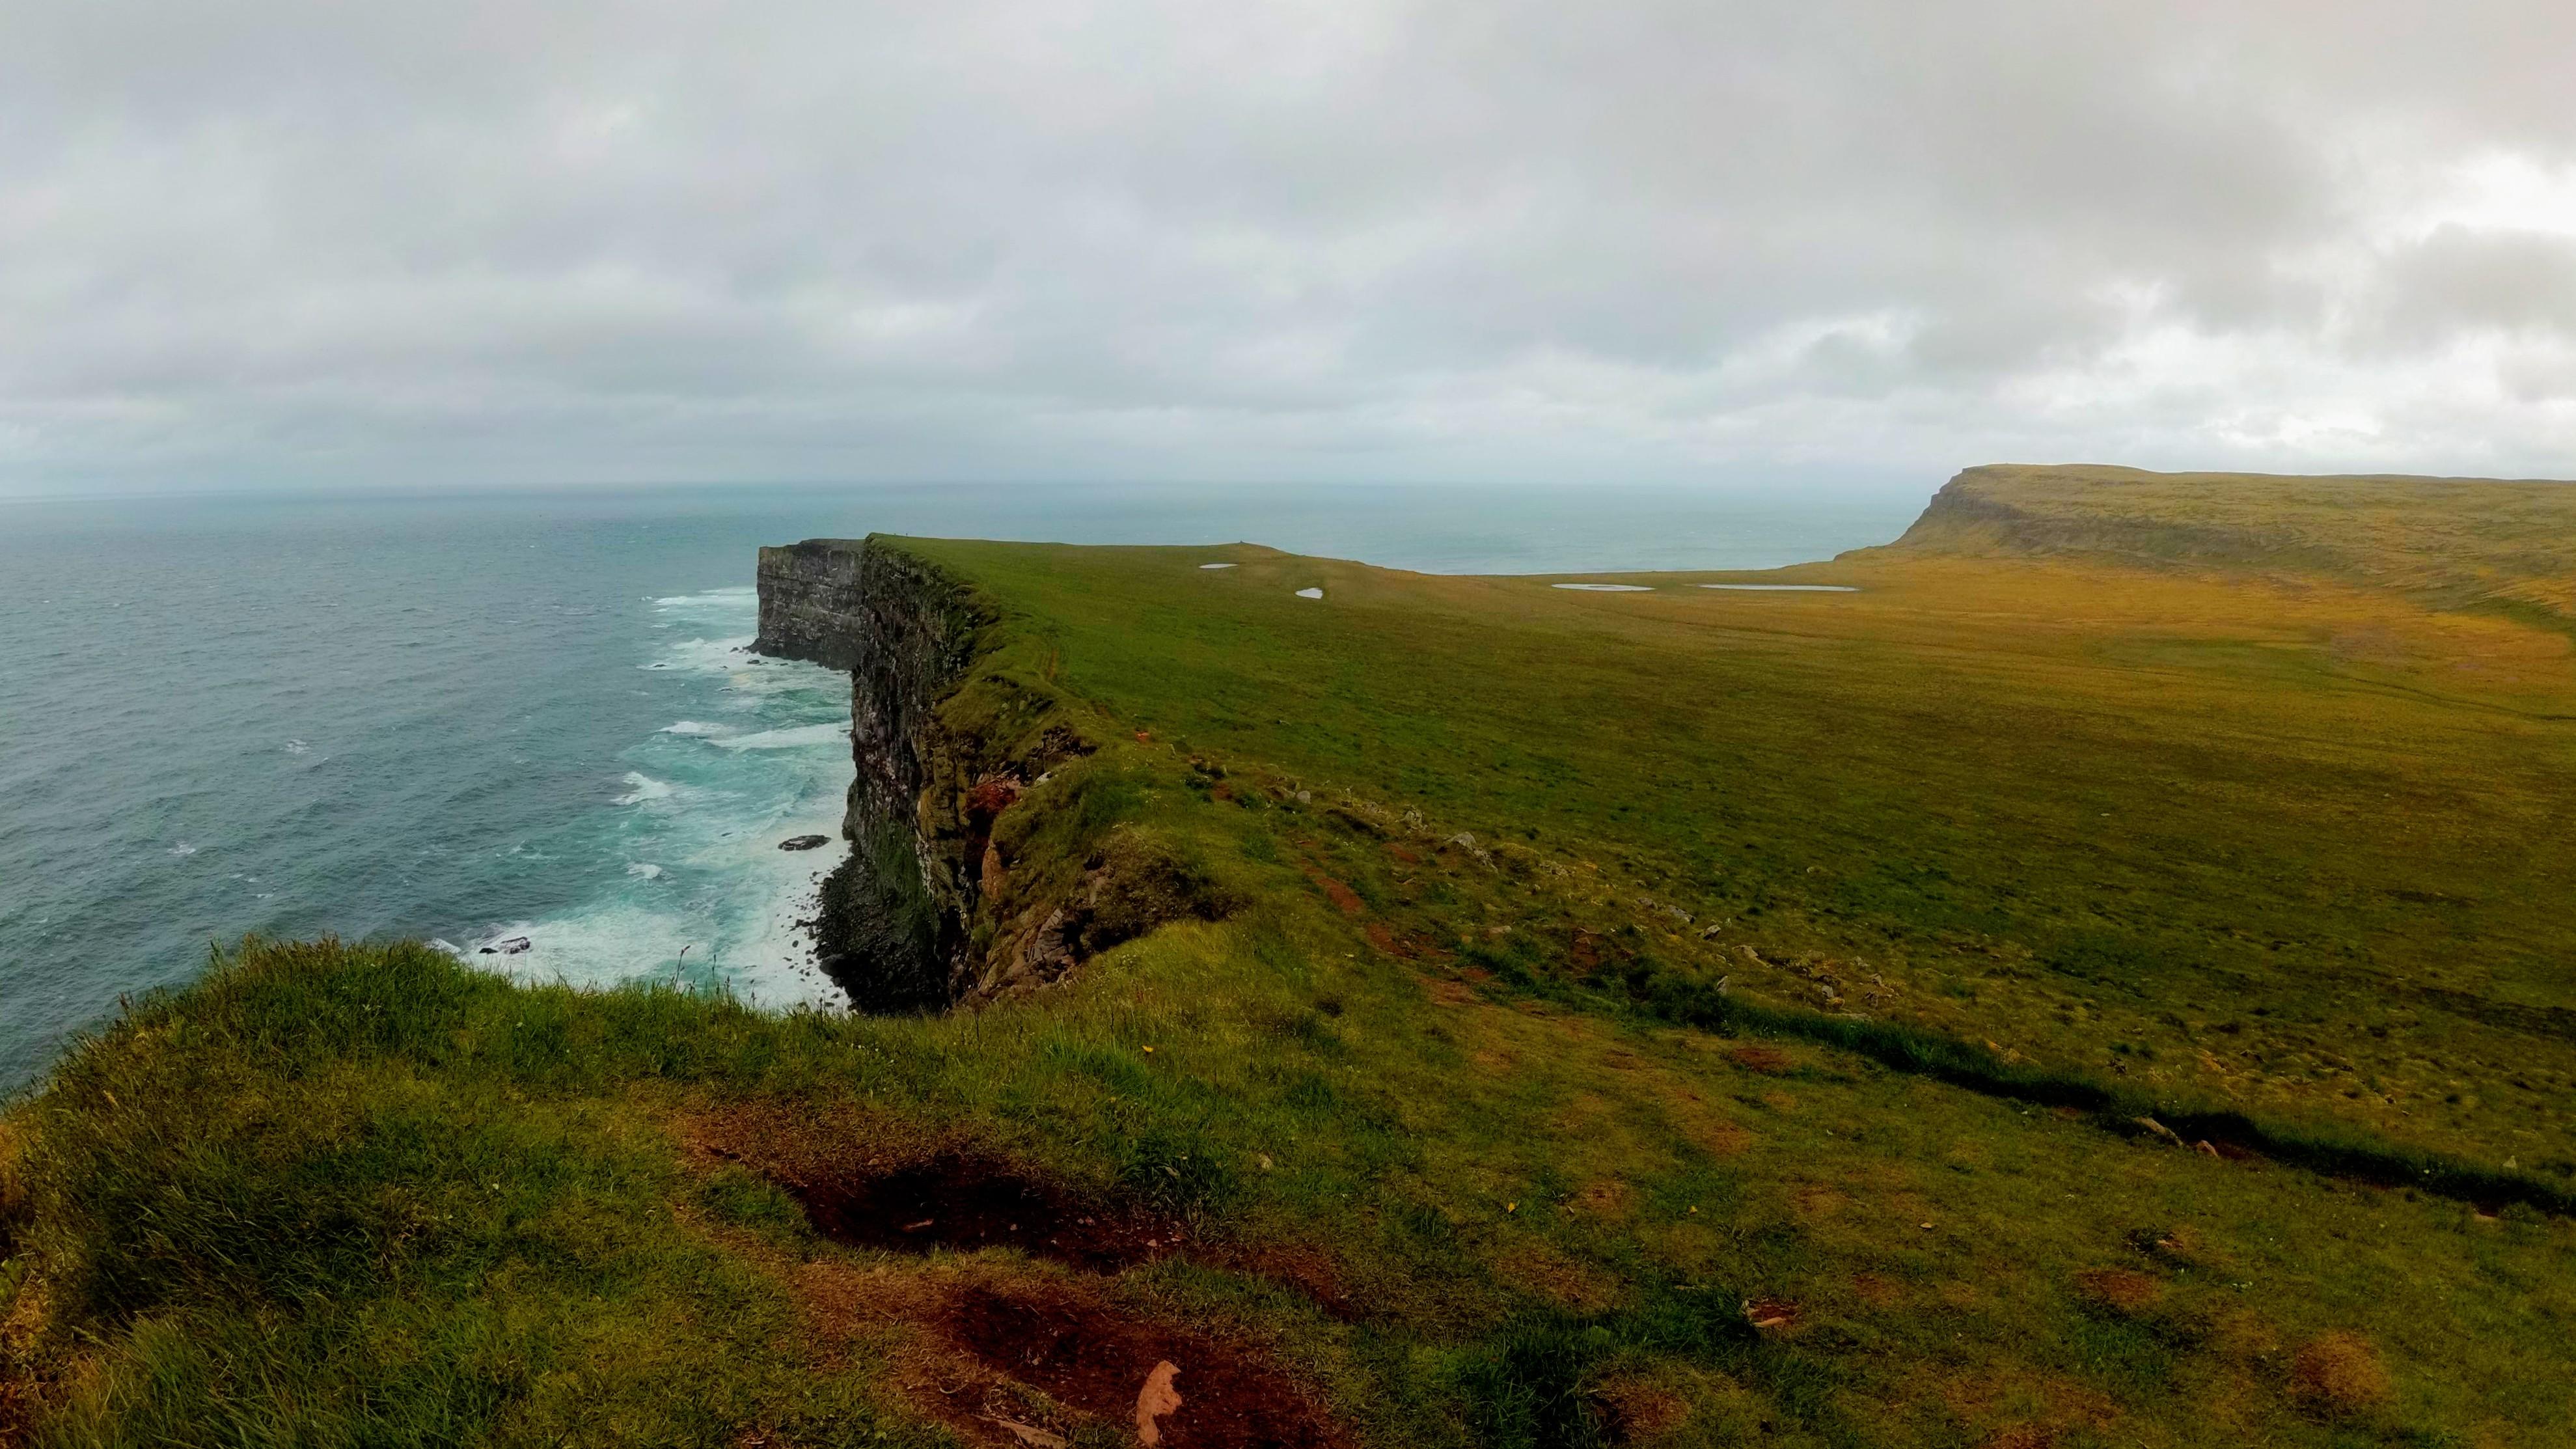 Vysoké útesy na nejzápadnějším místě Islandu